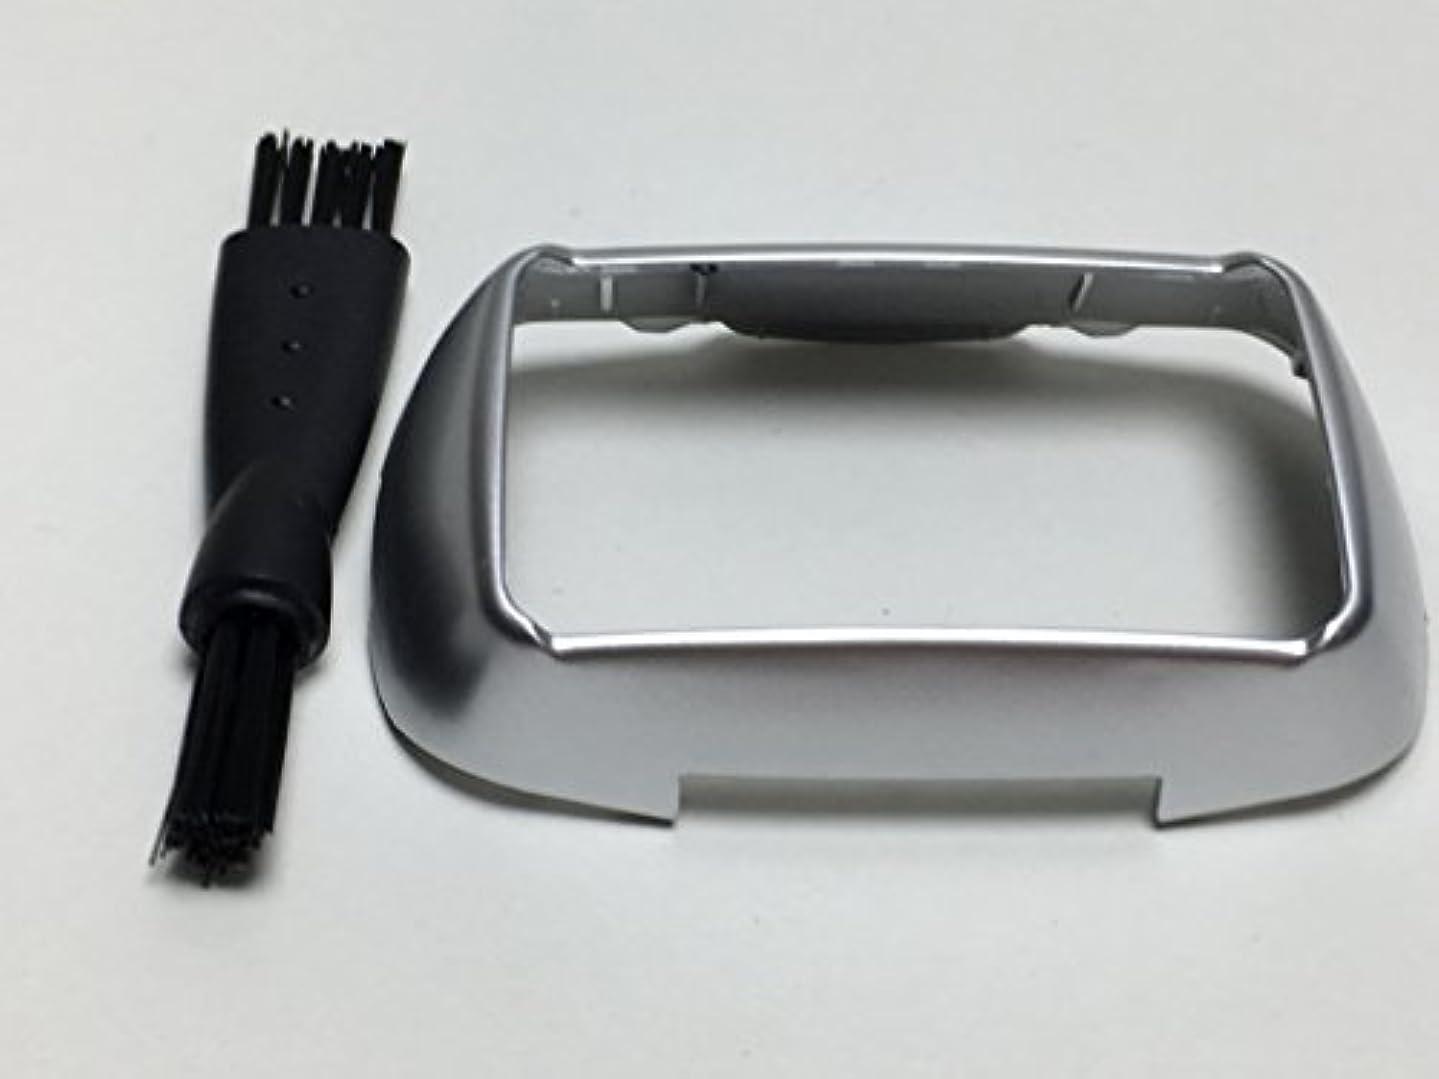 発表する拒否機動シェービングカミソリヘッドフレームホルダーカバー For Panasonic Arc5 ES-LV54 ES-LV56 ES-ELV5-K ES-LV53-K メンズ シェーバー Shaver Razor Head Frame...